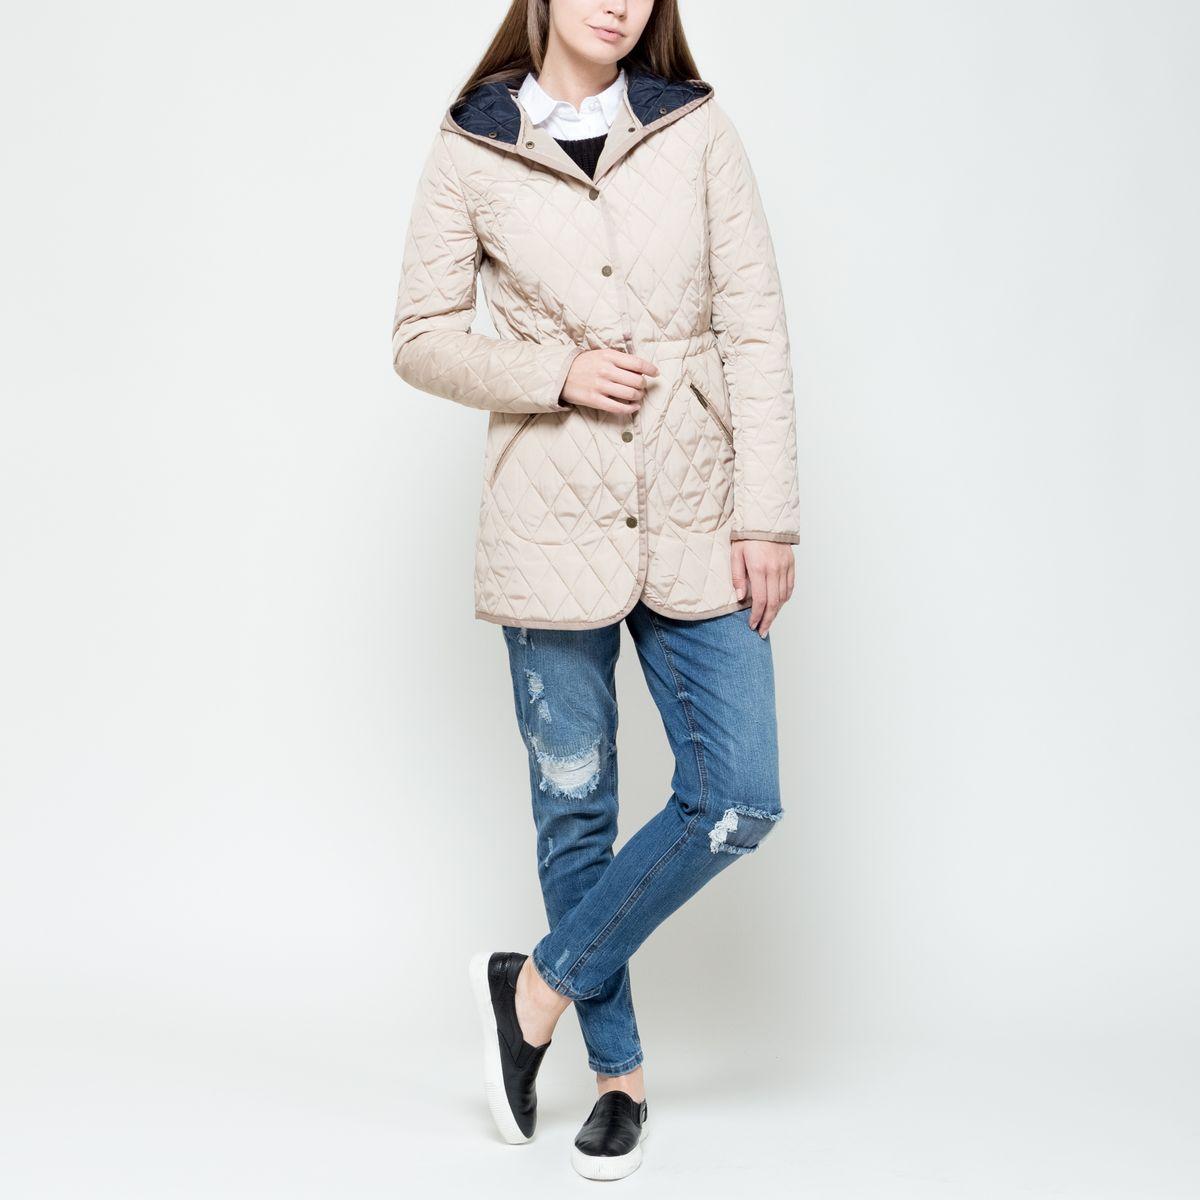 Куртка женская Sela, цвет: светло-бежевый. CpQ-126/693-6331. Размер S (44)CpQ-126/693-6331Женская куртка Sela выполнена из полиэстера и с наполнителемиз высококачественного полиэстера. Удлиненная модель со стандартными длинными рукавами застегивается спереди на кнопки. Куртка оформлена несъемным капюшоном, спереди двумя прорезными карманами на застежках-молниях, а в поясе с внутренней стороны изделие дополнено стопперами, для регулировки объема. Модель оформлена стеганным узором.